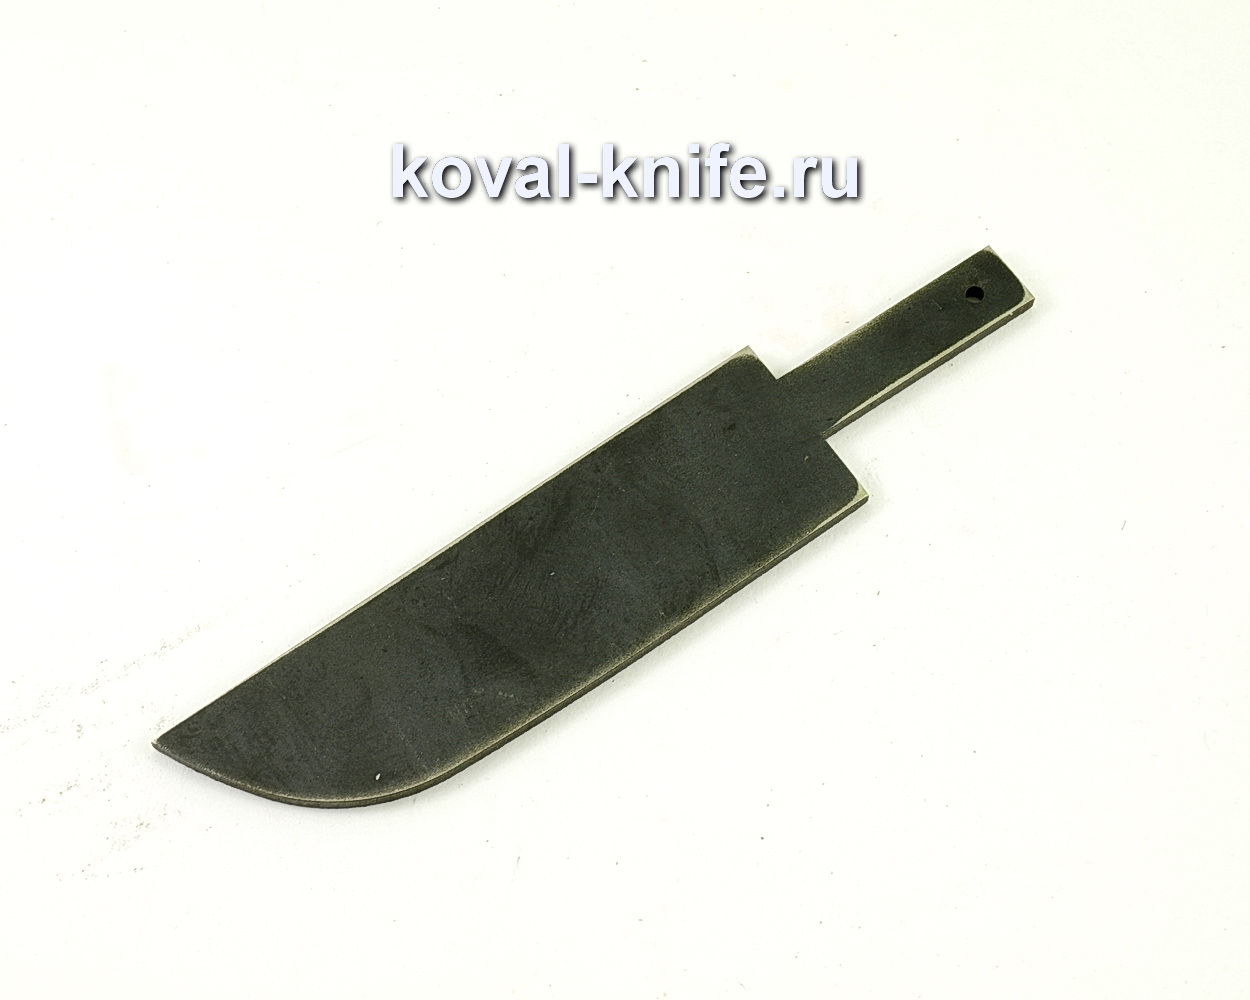 Бланк для клинка из порошковой стали M390 Белка